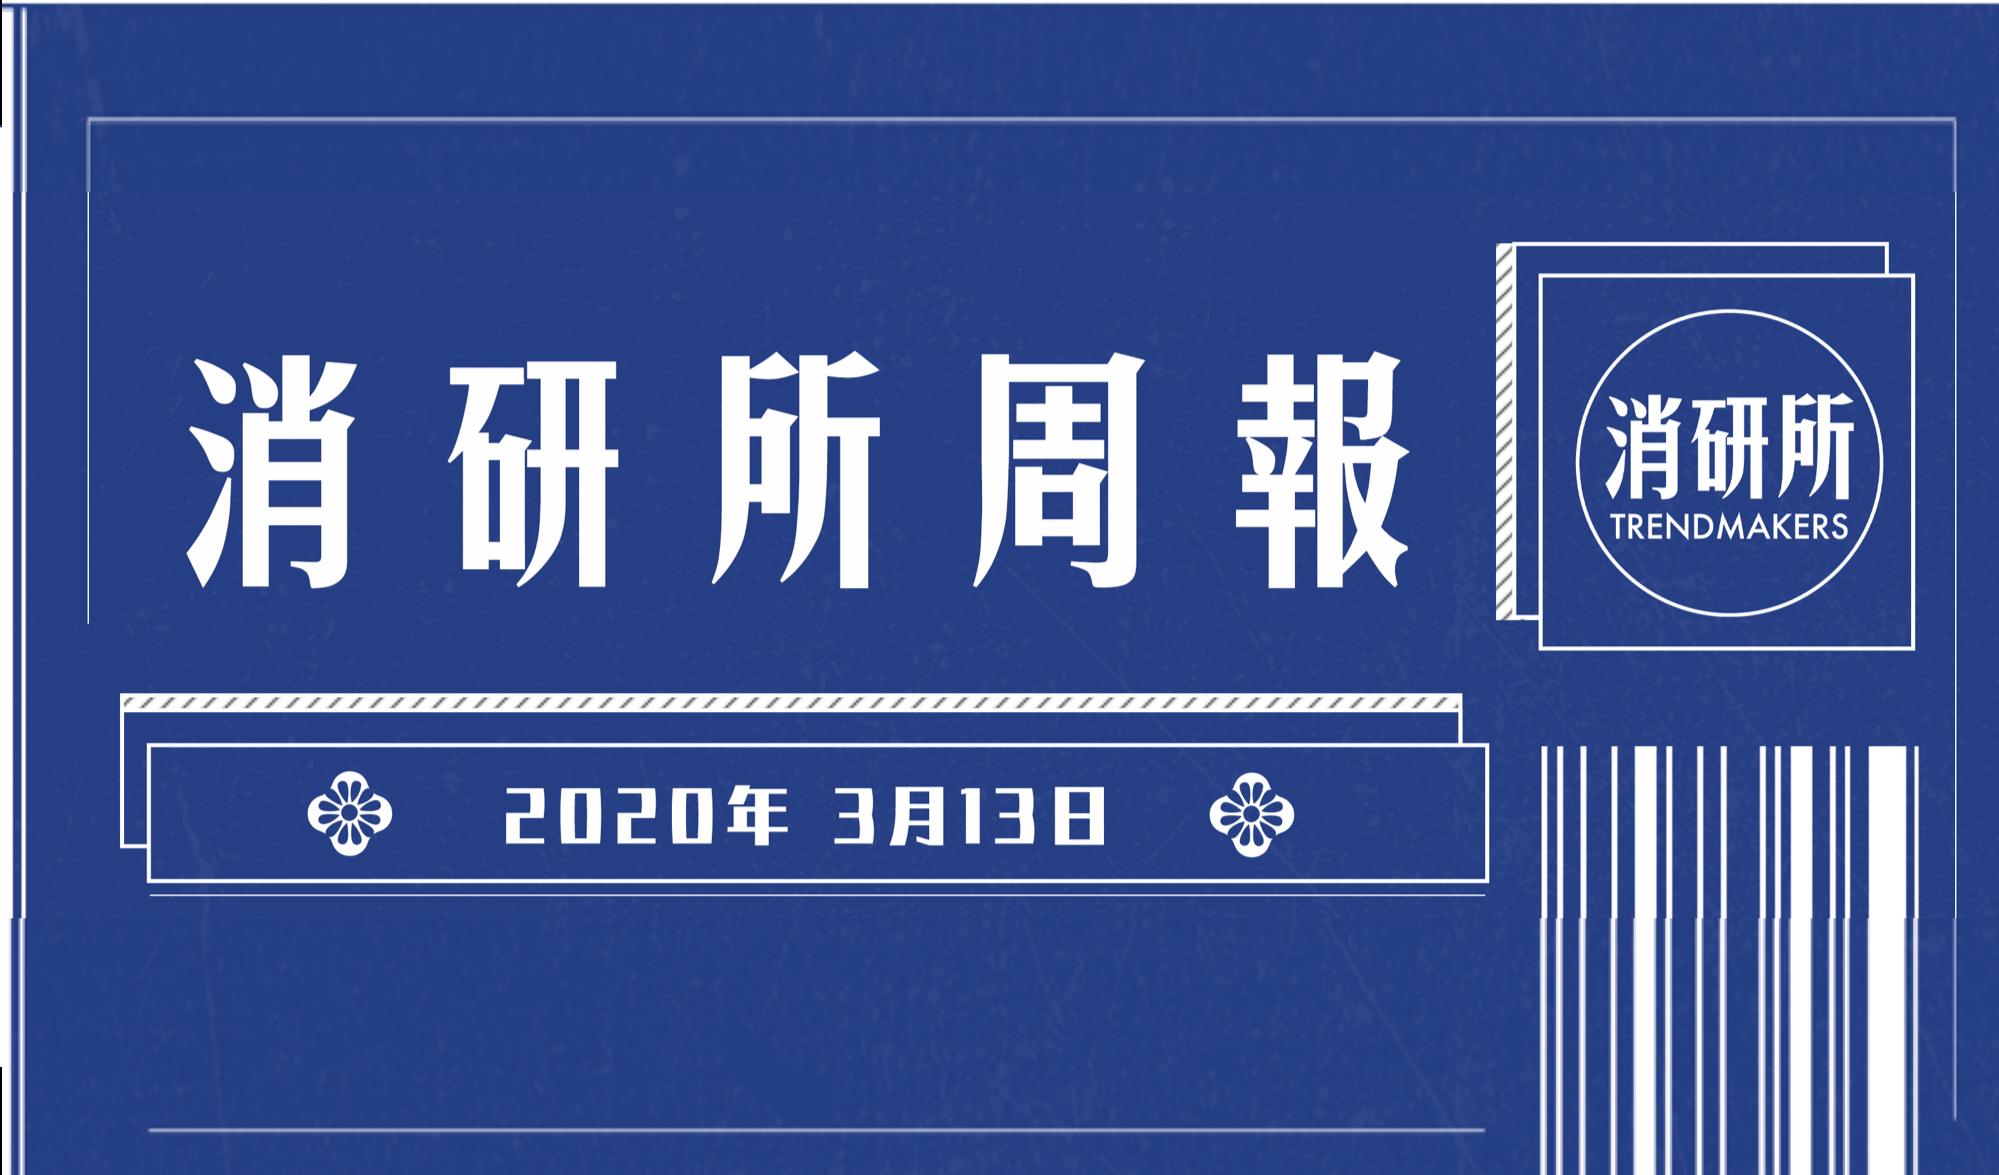 苹果开放全部中国门店;淘宝直播负责人赵圆圆离职;LV入驻微信视频号   消研所周报